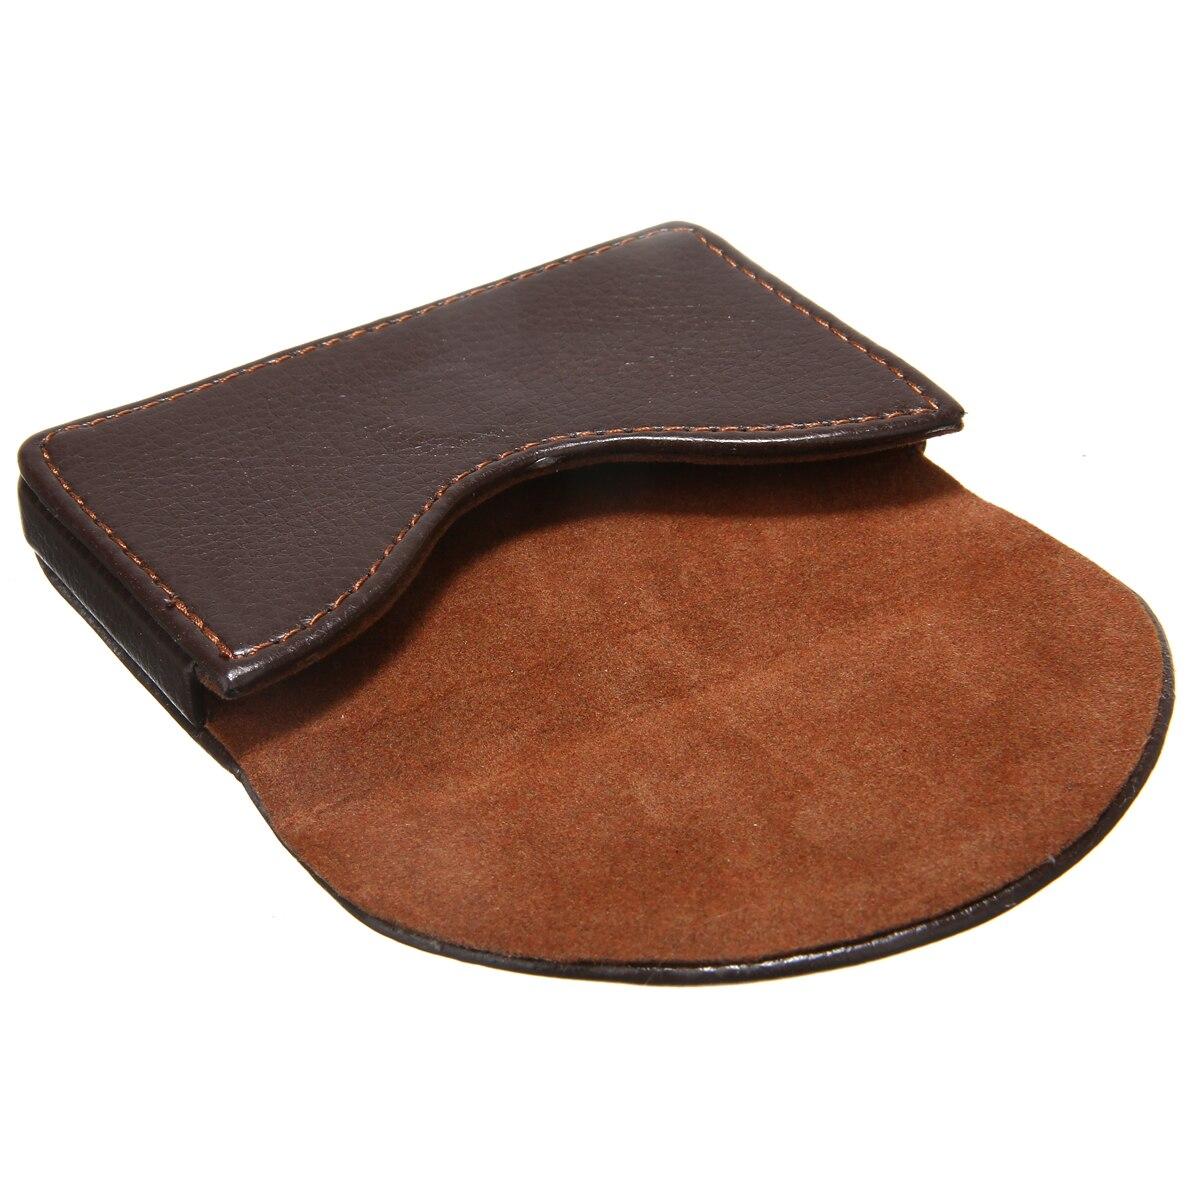 Portatarjetas de negocios de cuero de bolsillo marrón Tarjeta de Identificación de negocios funda, soporte de cartera de gran regalo para tus amigos